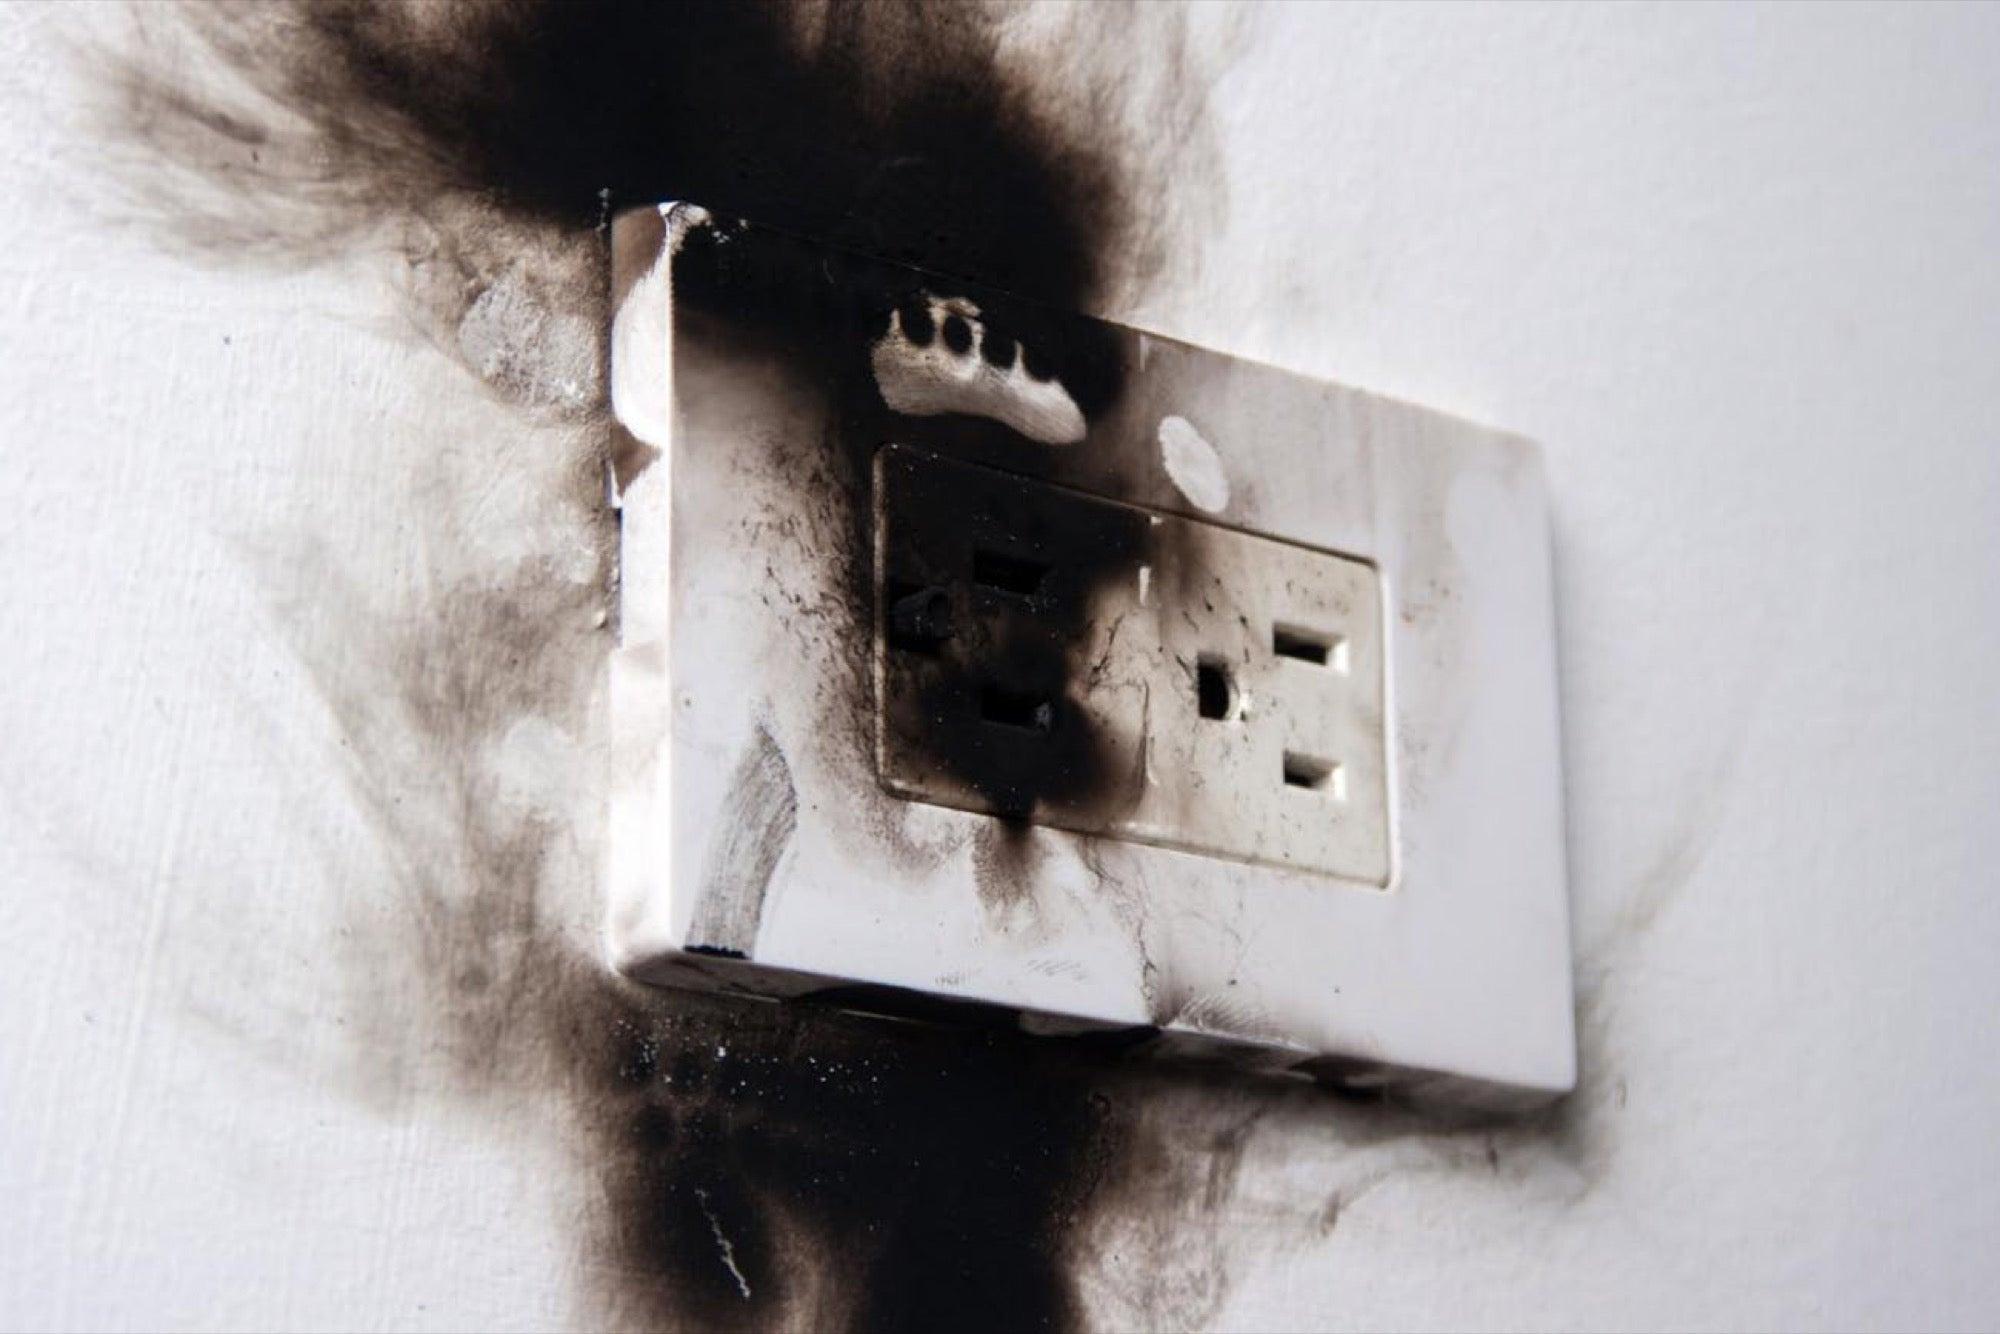 причина возгорания кабелей и проводов розетка в копоти